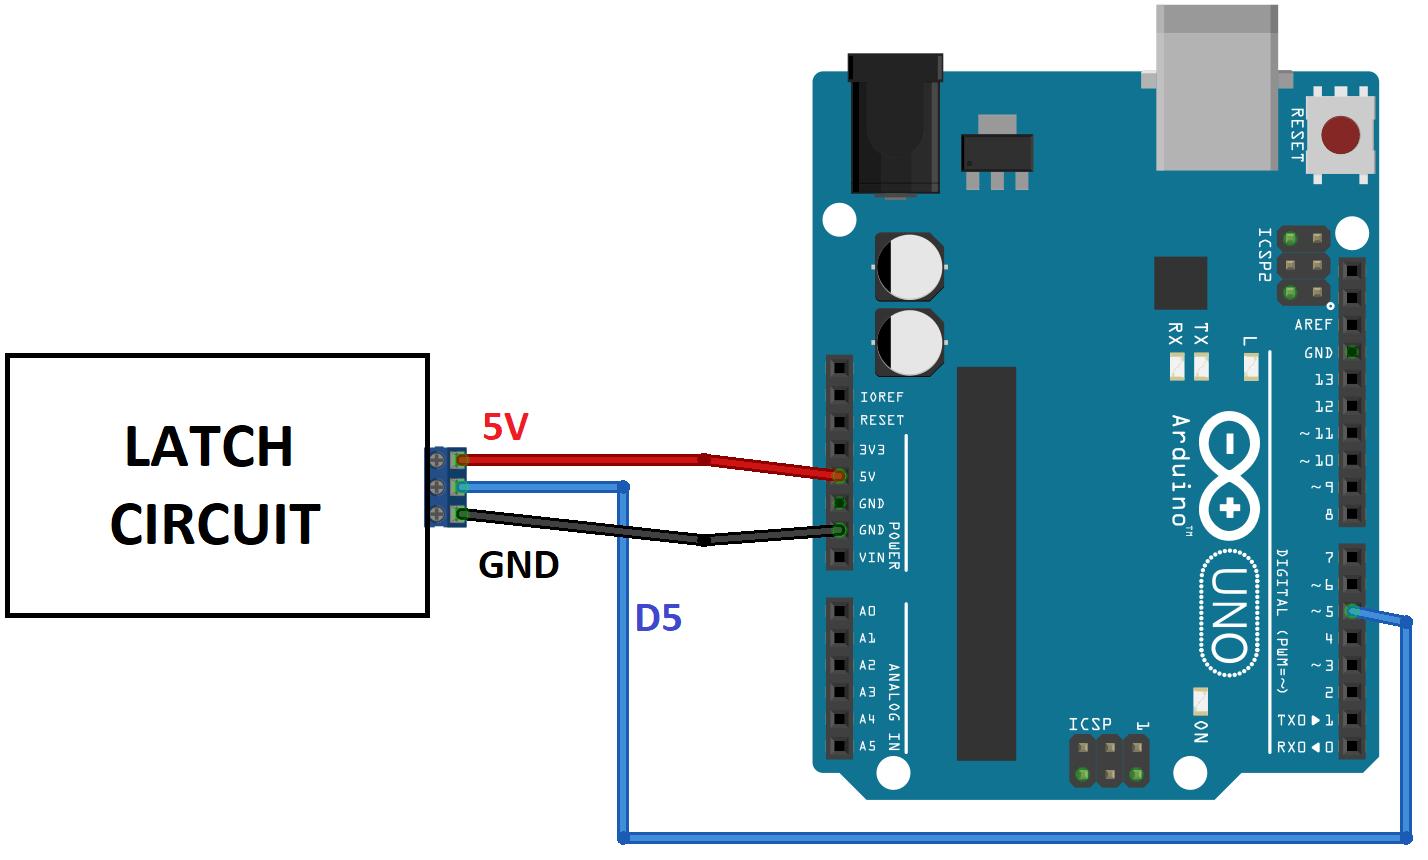 medium resolution of power latch circuit schematics arduino